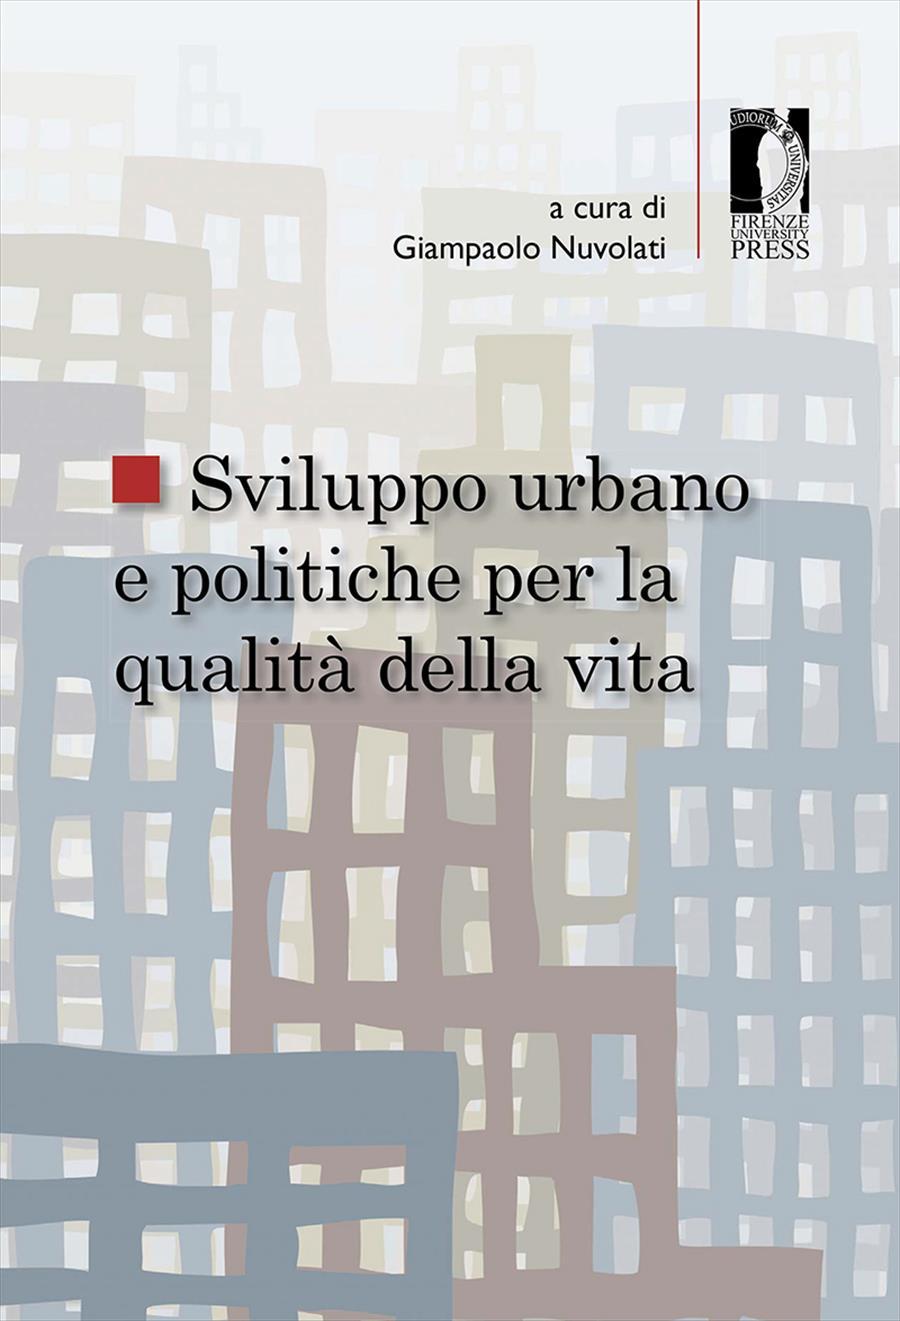 Sviluppo urbano e politiche per la qualità della vita